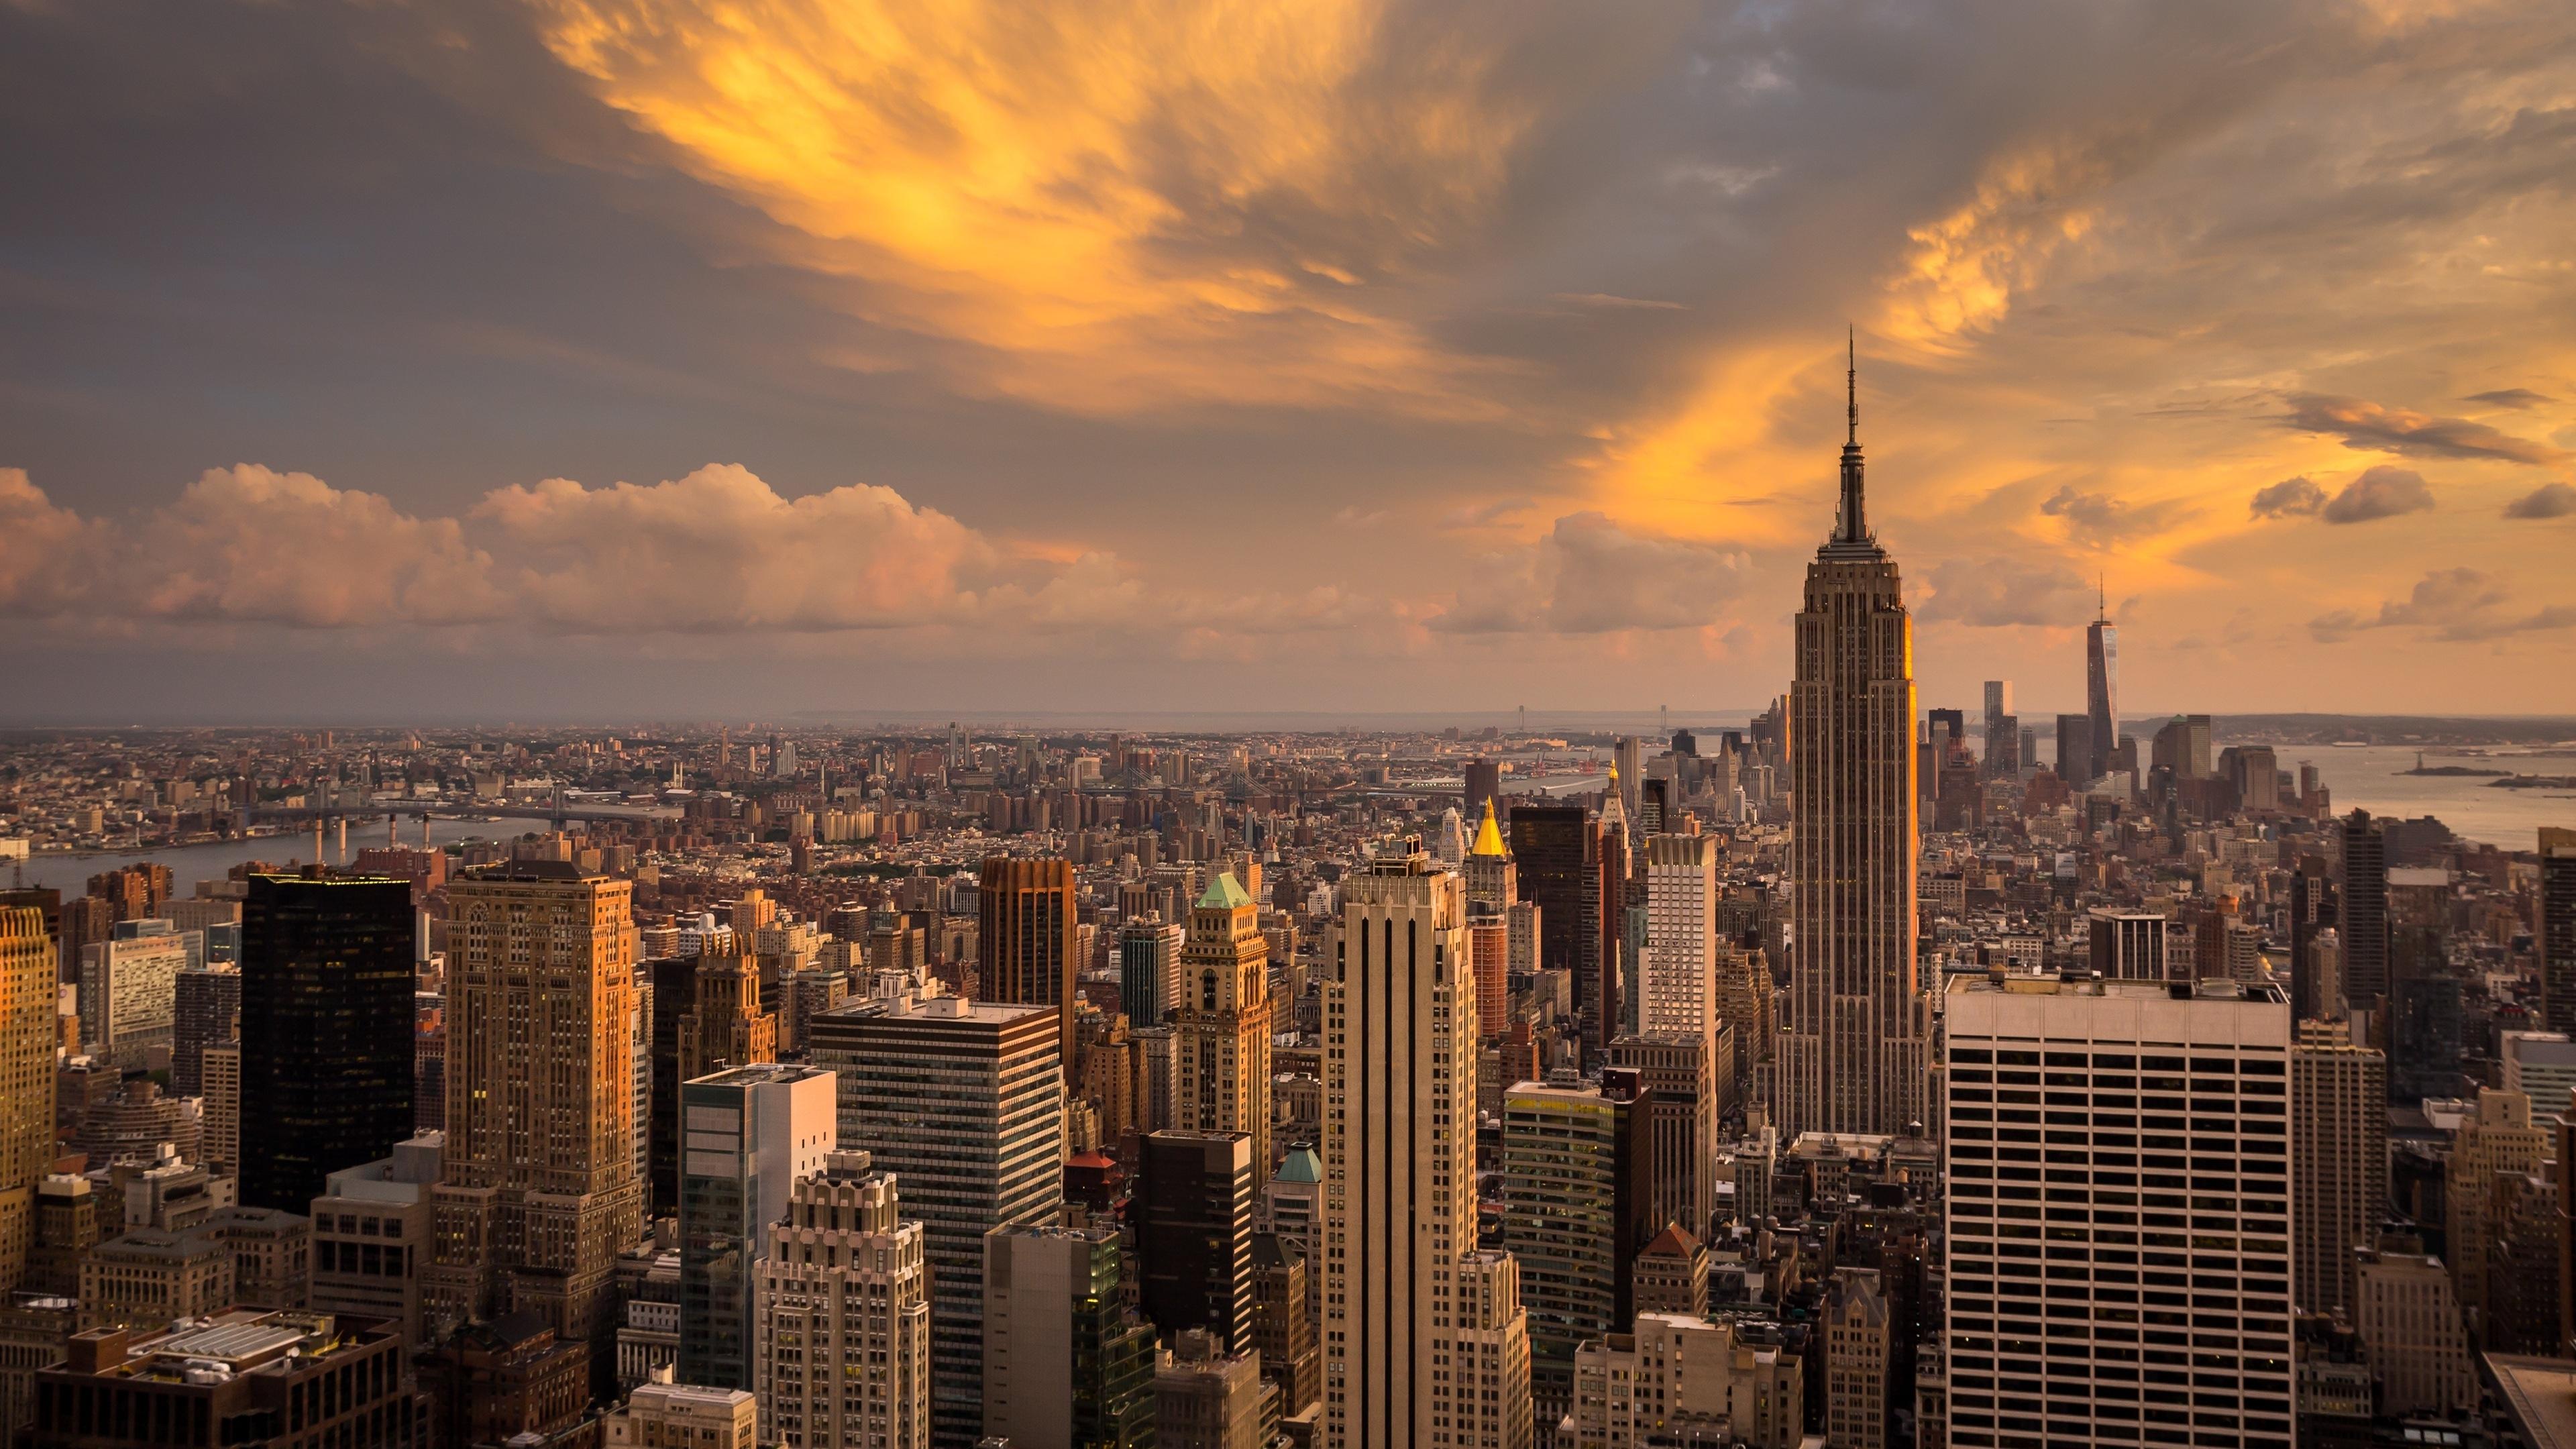 new york city manhattan sunset 4k ultra hd desktop wallpaper